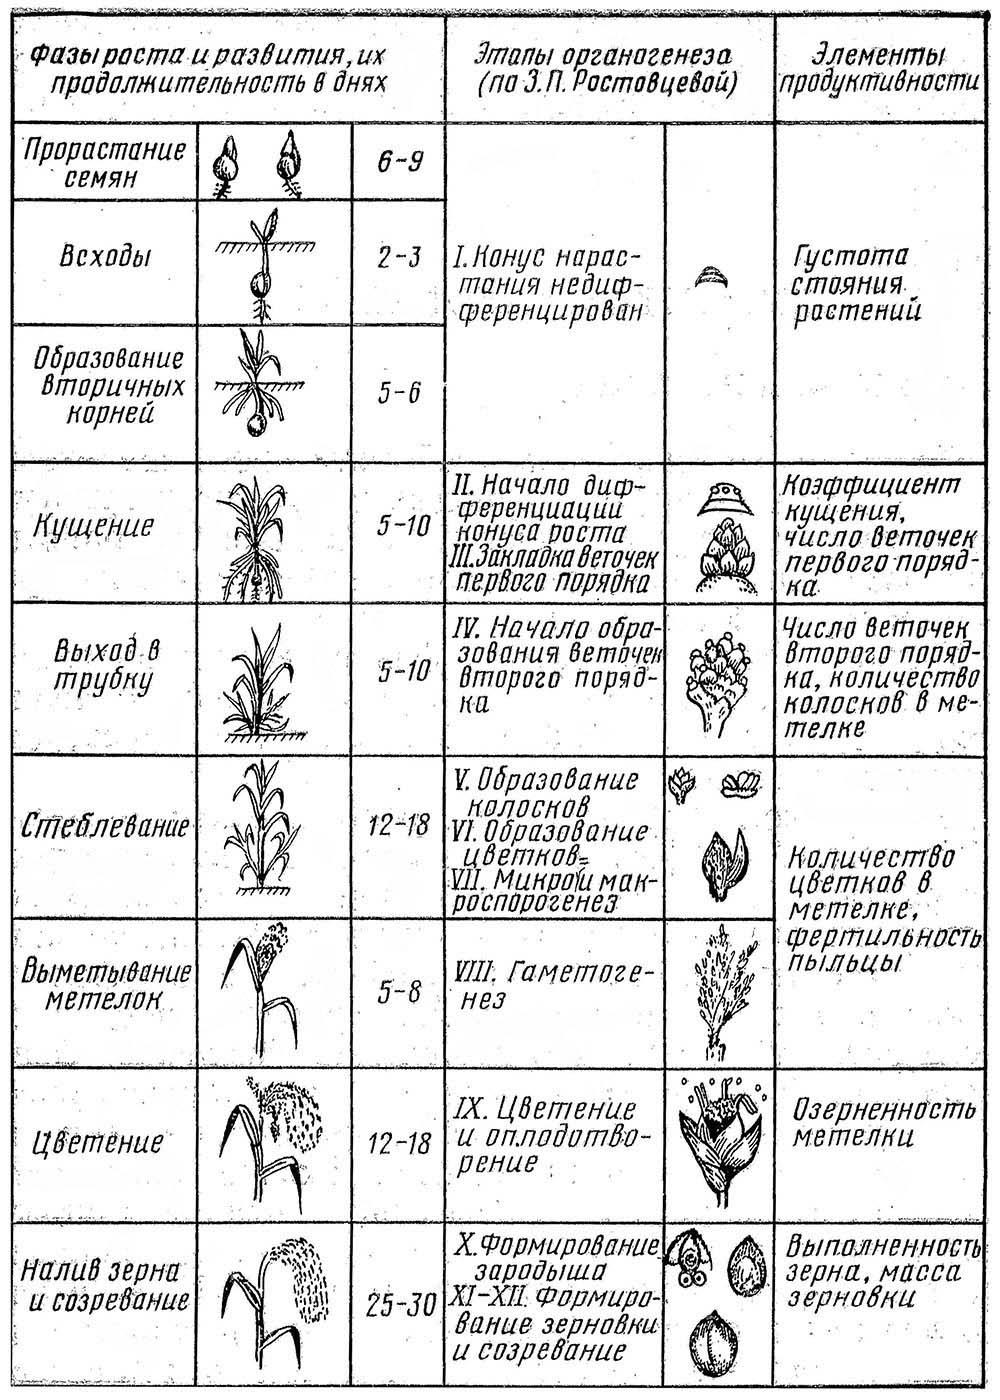 Фазы роста и развития, этапы органогенеза проса